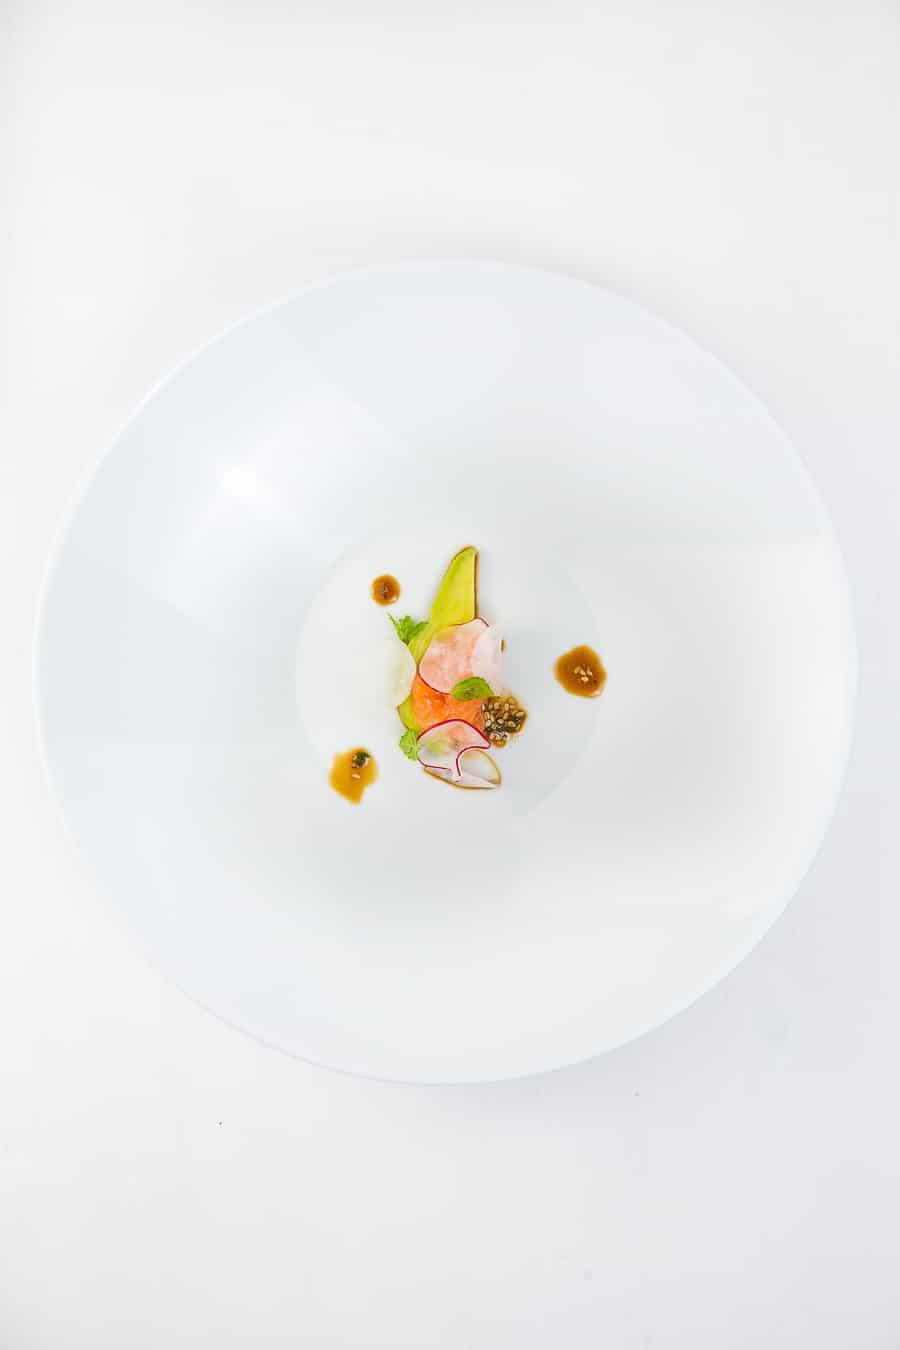 sashimi-saibling-rettich-avocado-1